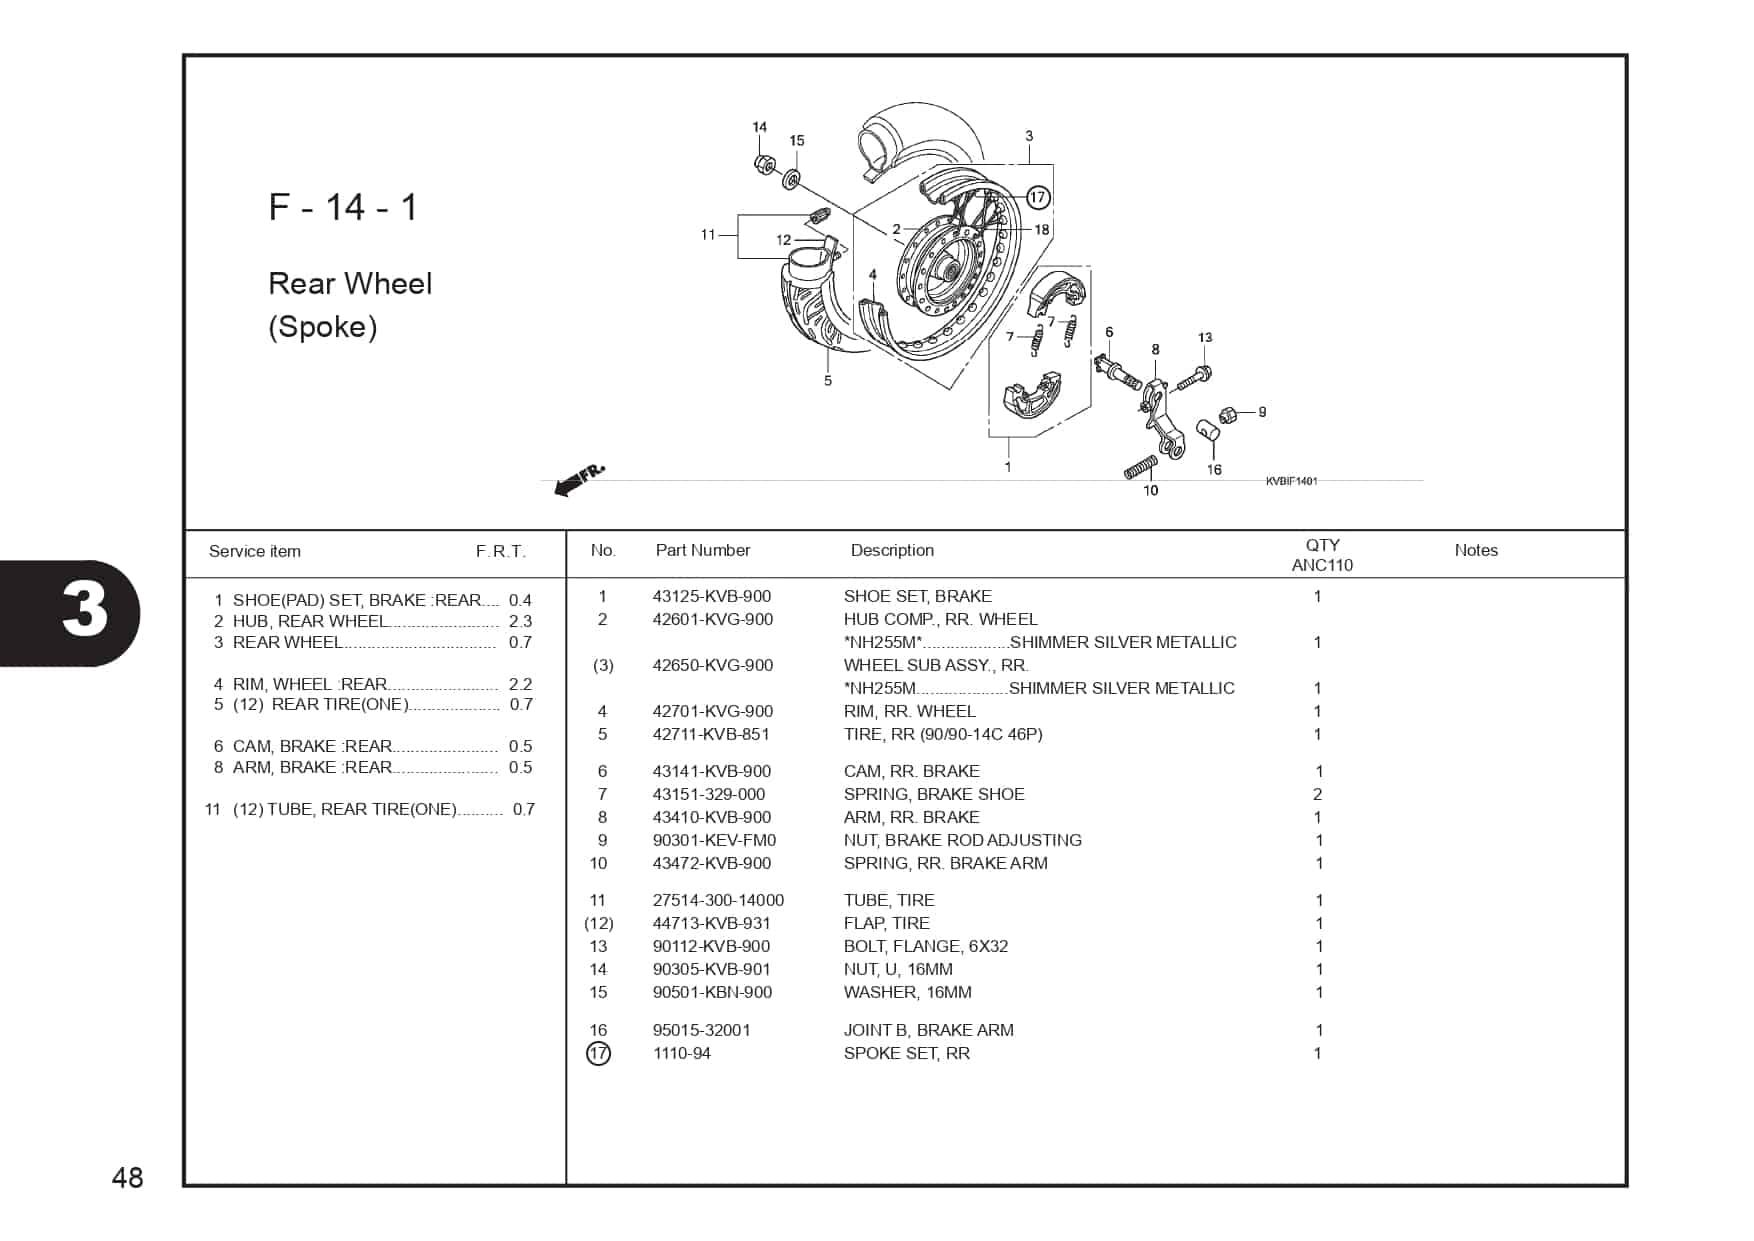 F-14-1 Rear Wheel (Spoke)